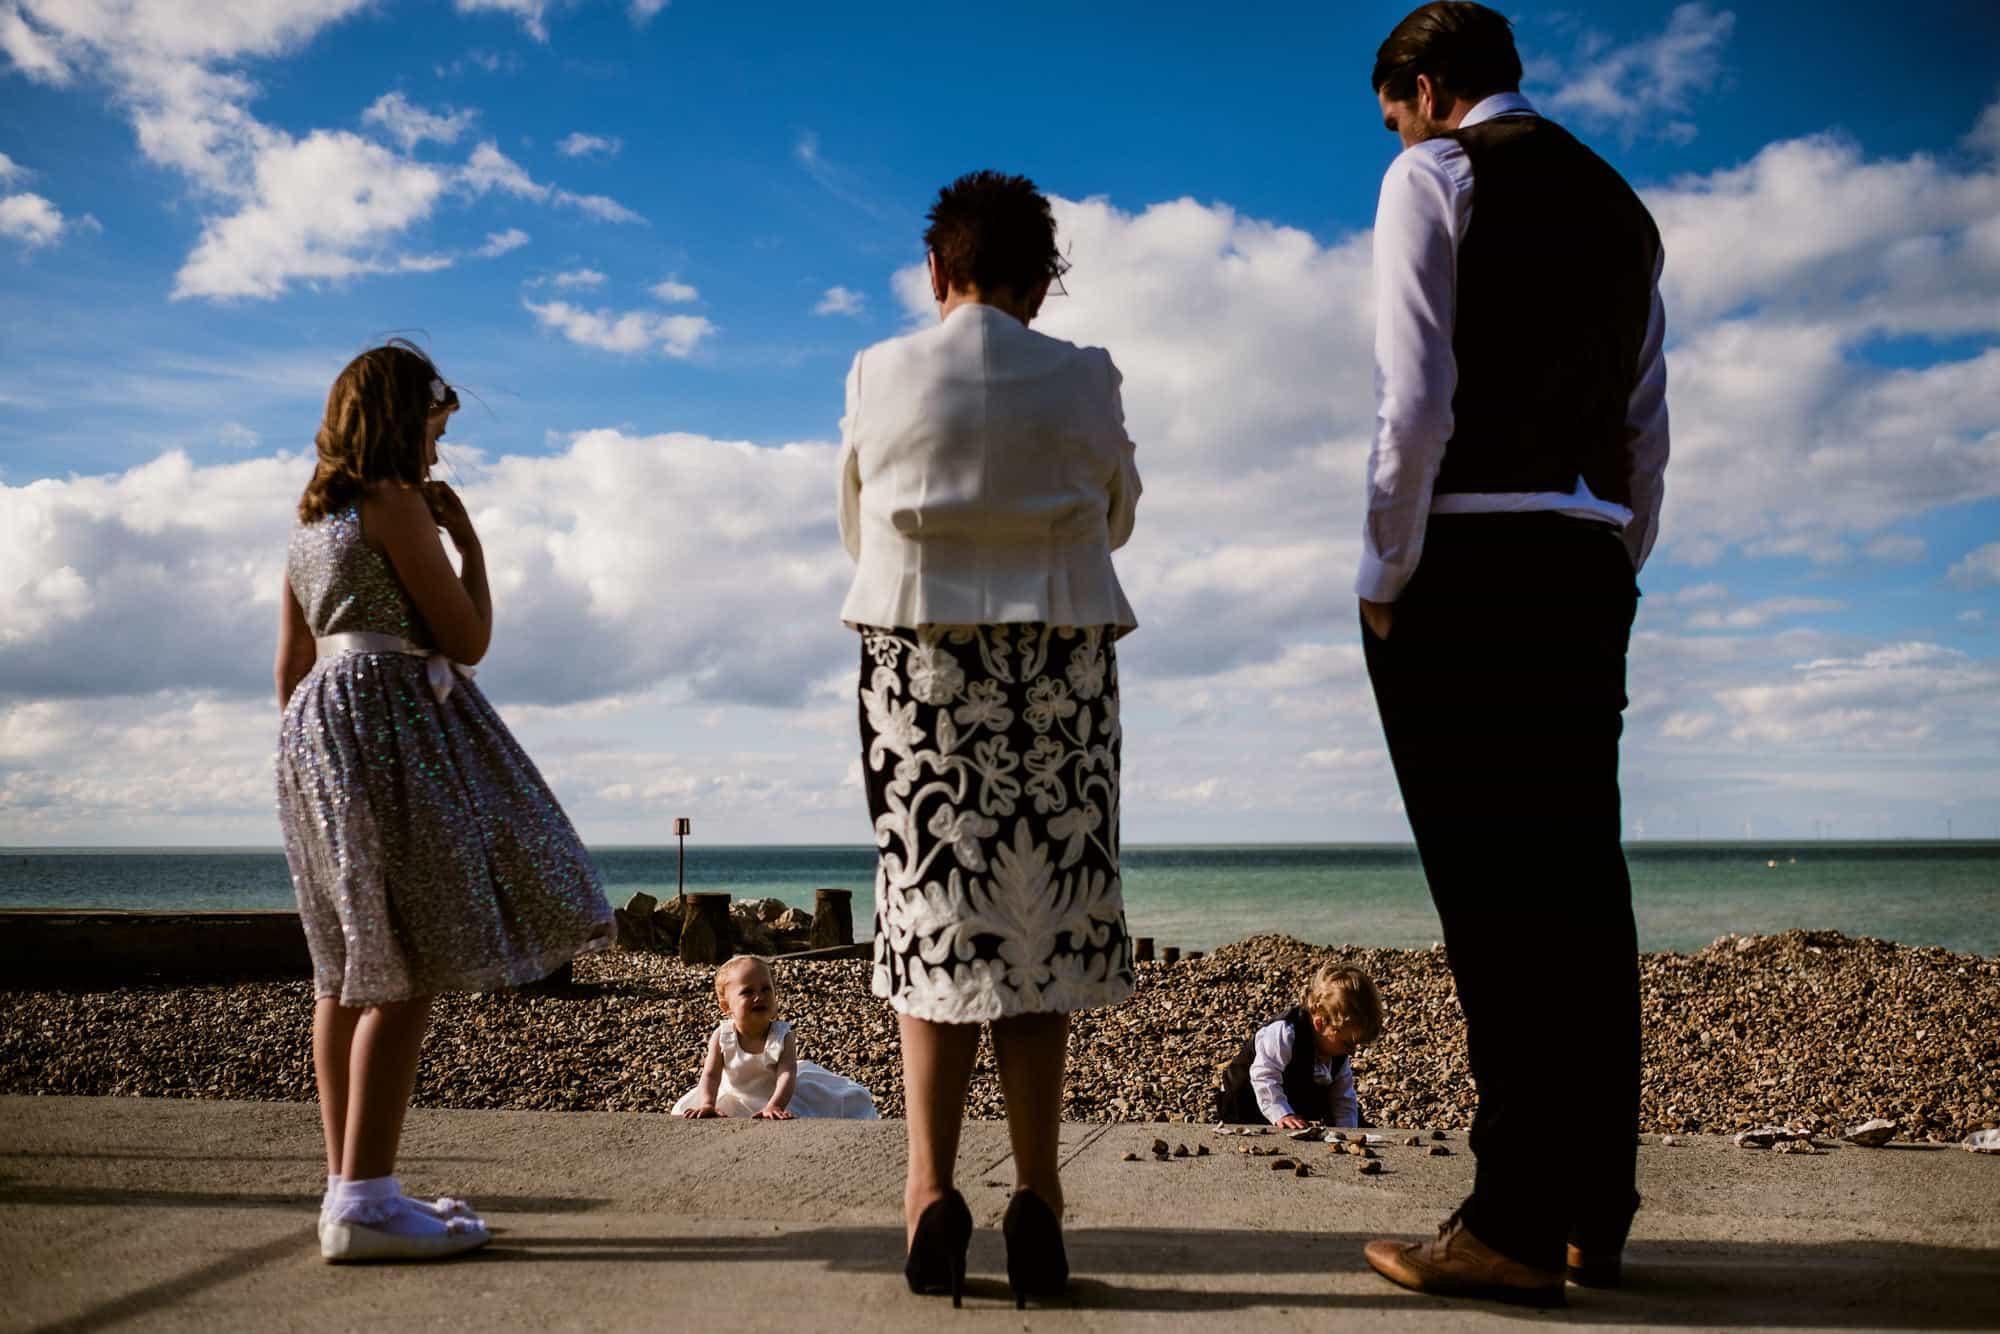 east-quay-wedding-photographer-matt-tyler-0056